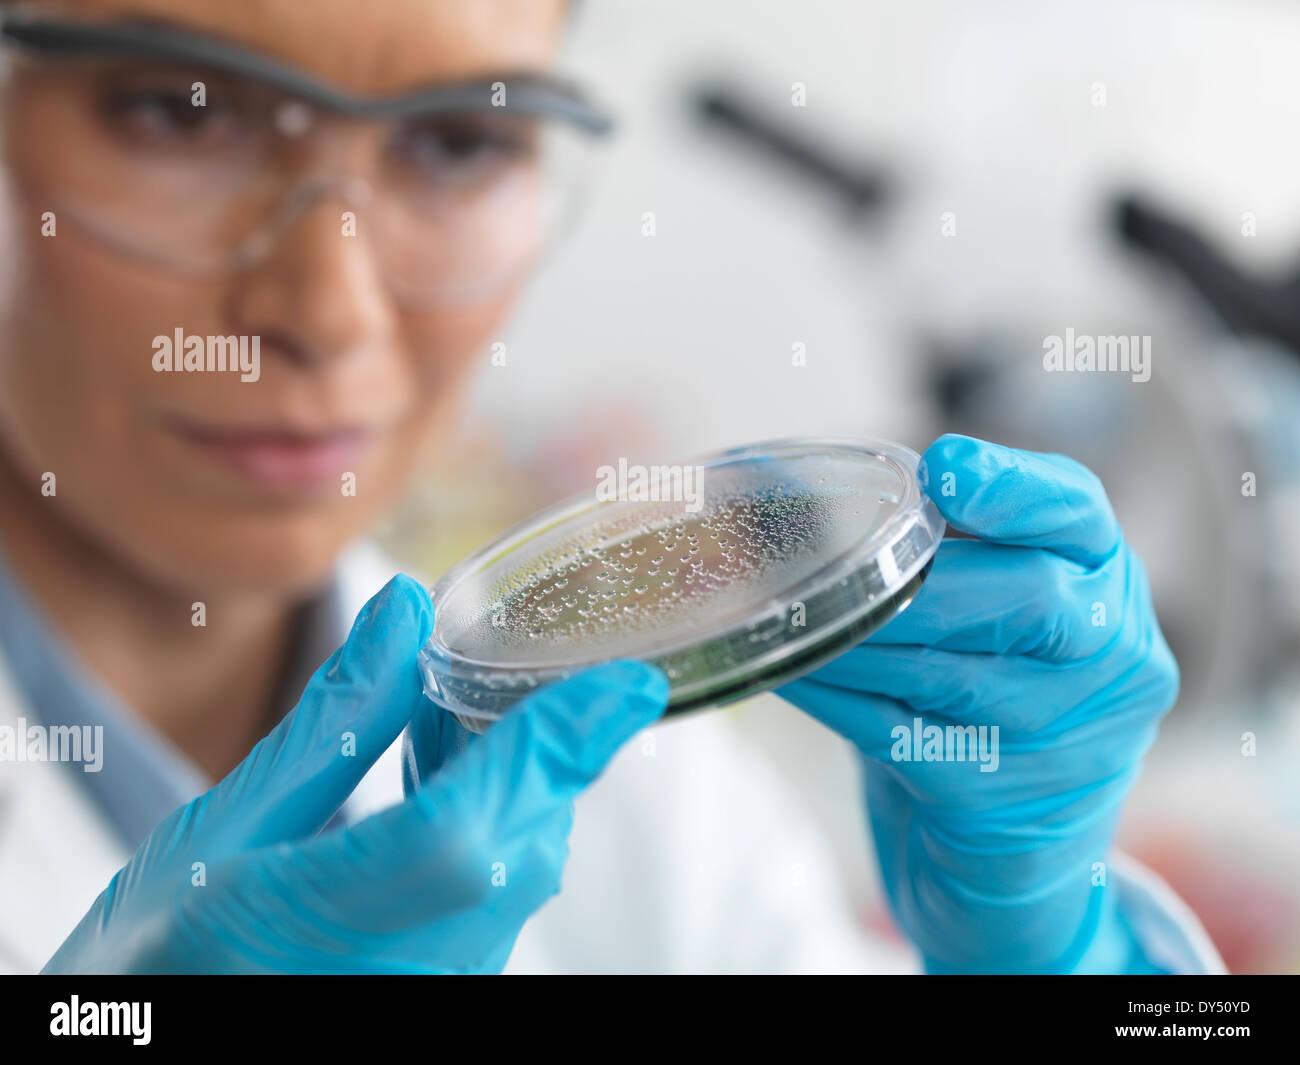 L'examen scientifique des micro-organismes dans la boîte de pétri Banque D'Images